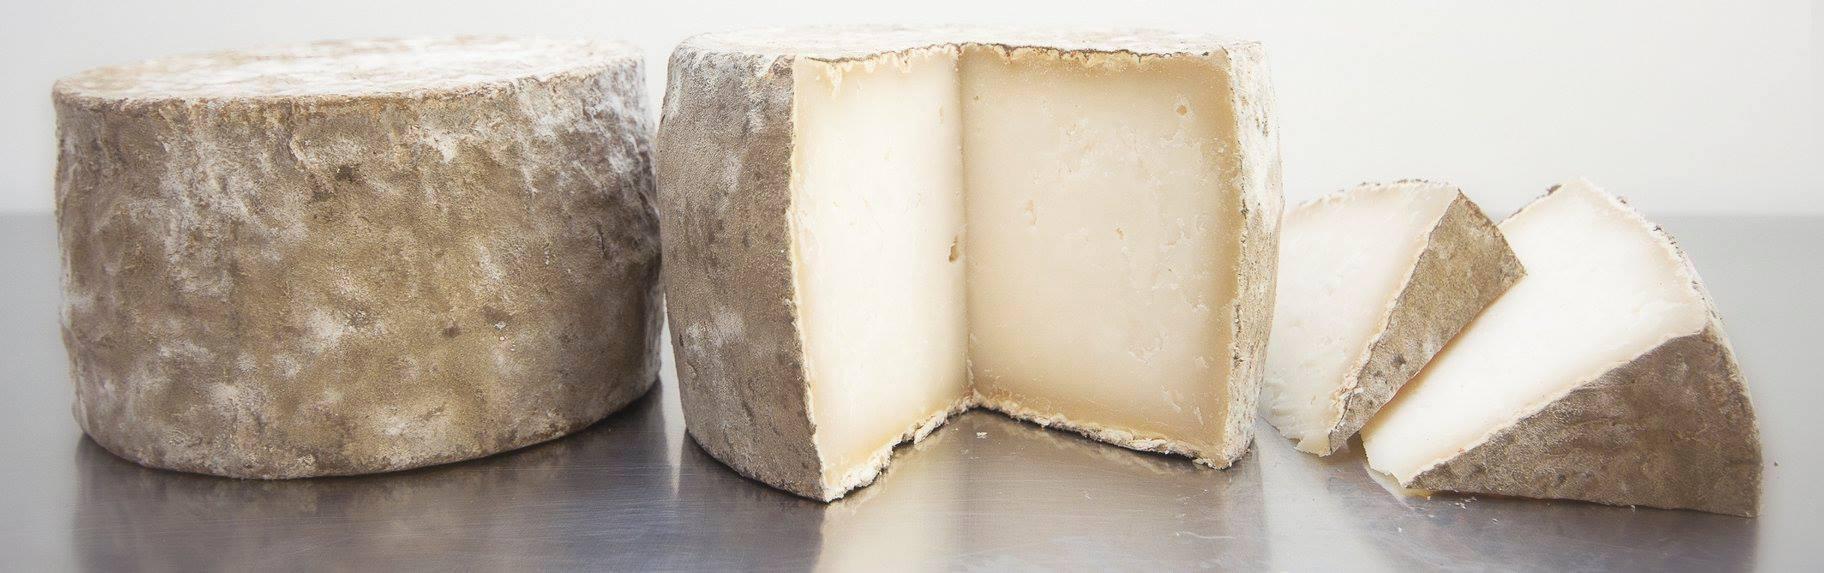 Resultado de imagen para queso mal madurado